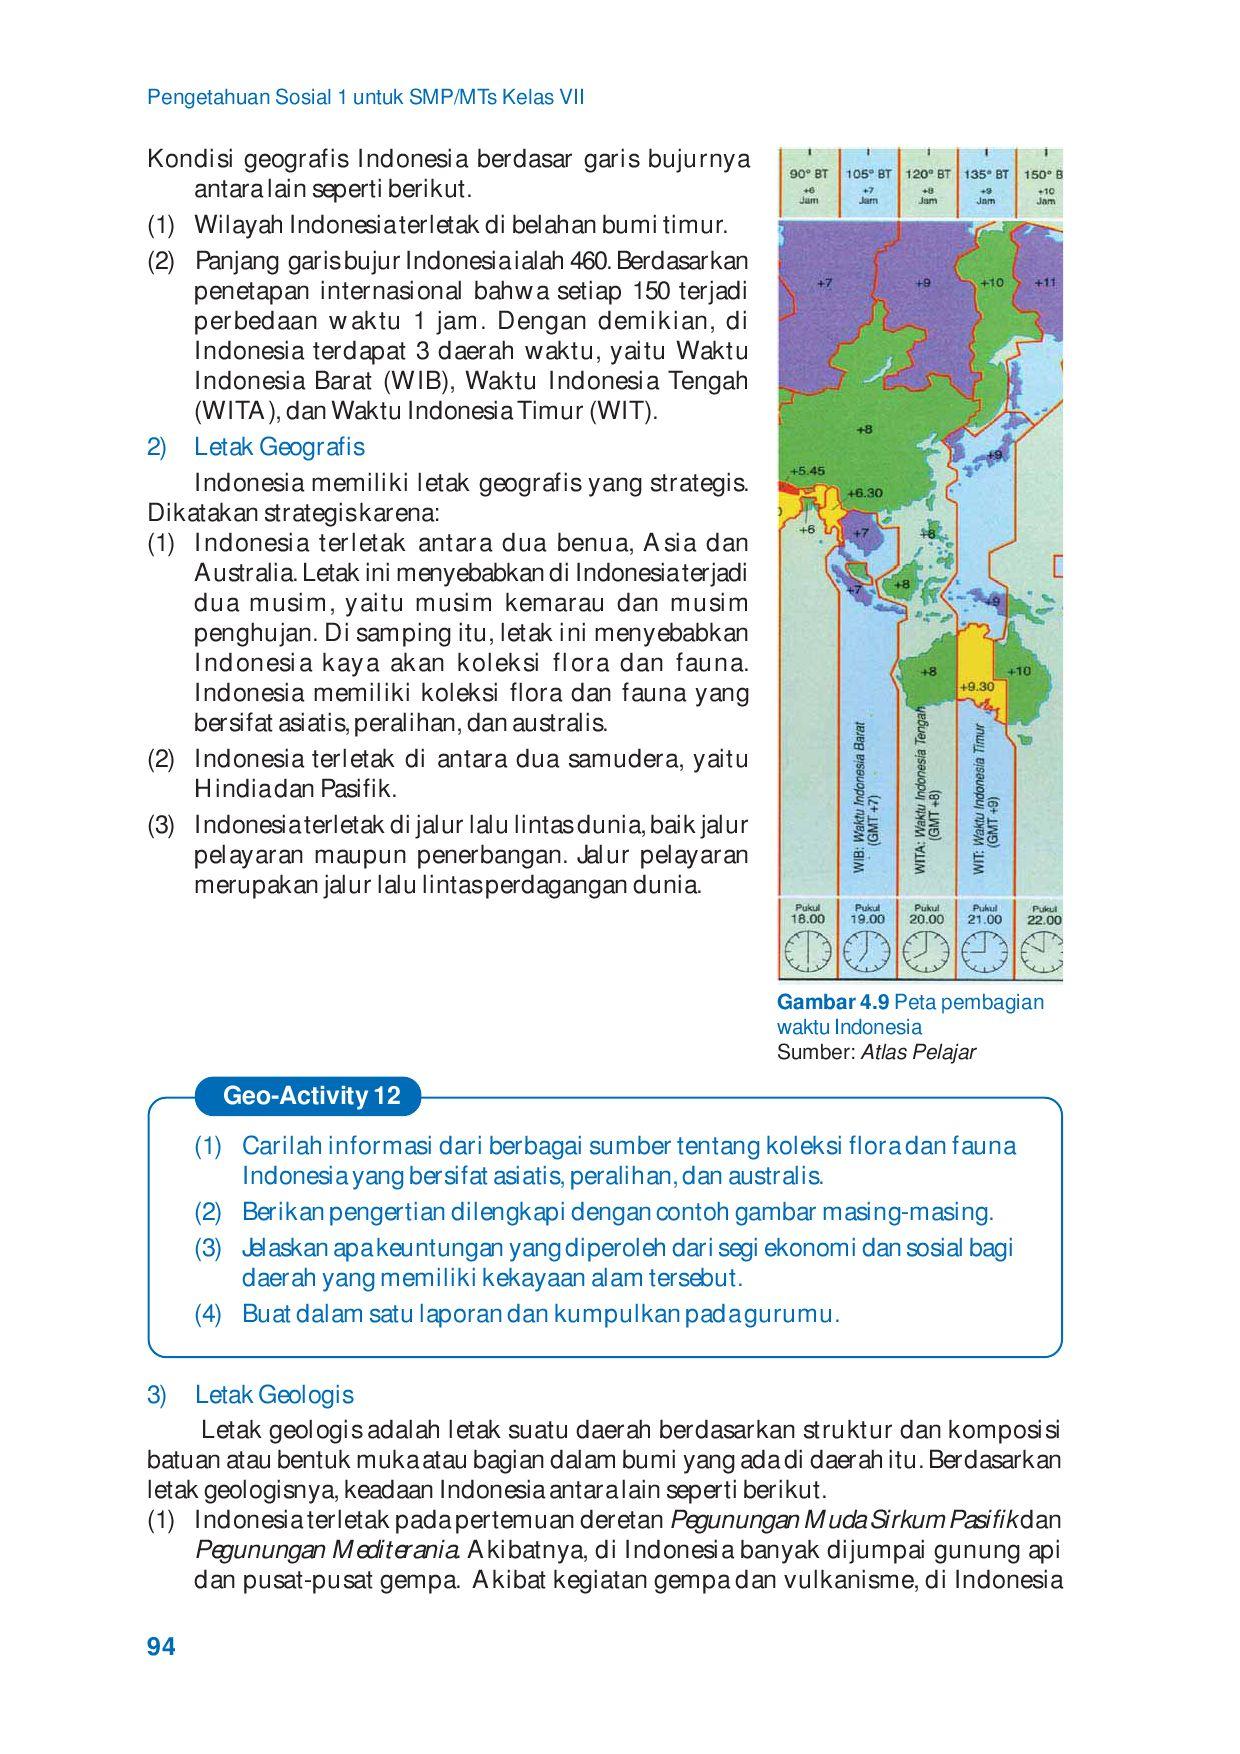 Pengertian Sirkum Mediterania : pengertian, sirkum, mediterania, Kelas07_pengetahuan-sosial-1_didang, Selagan, Issuu